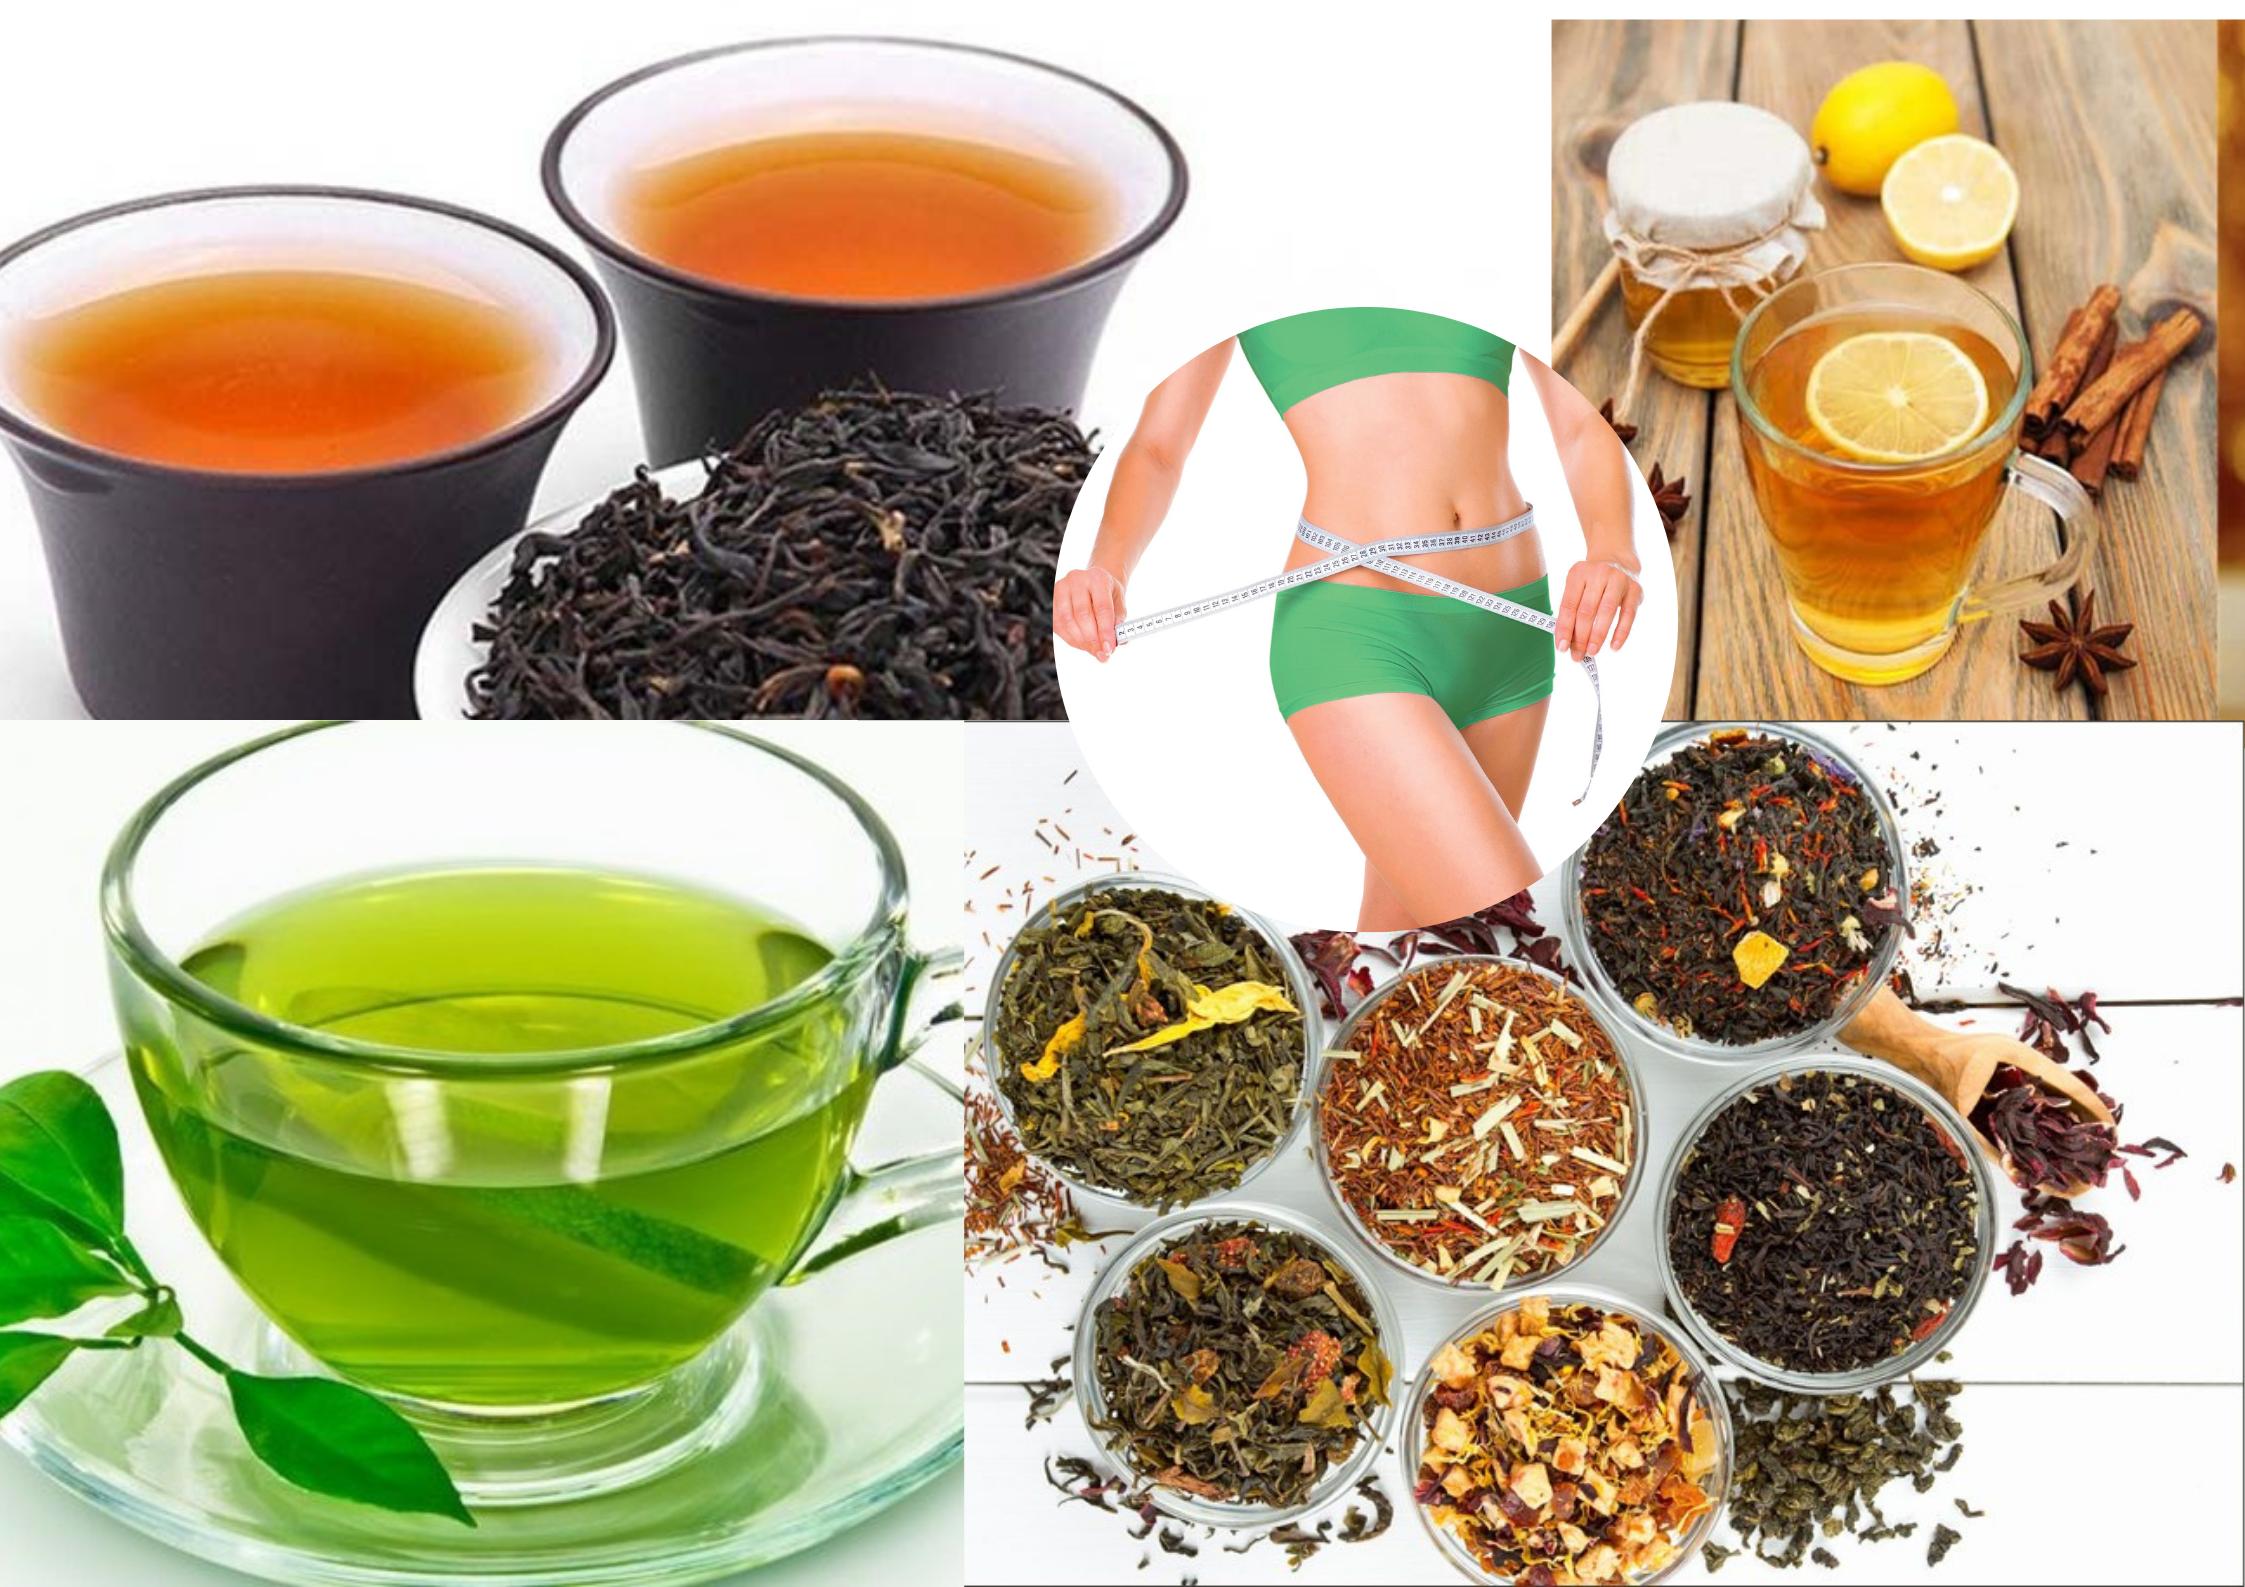 Các loại trà hỗ trợ chị em giảm cân nhanh chóng, không gây mệt mỏi